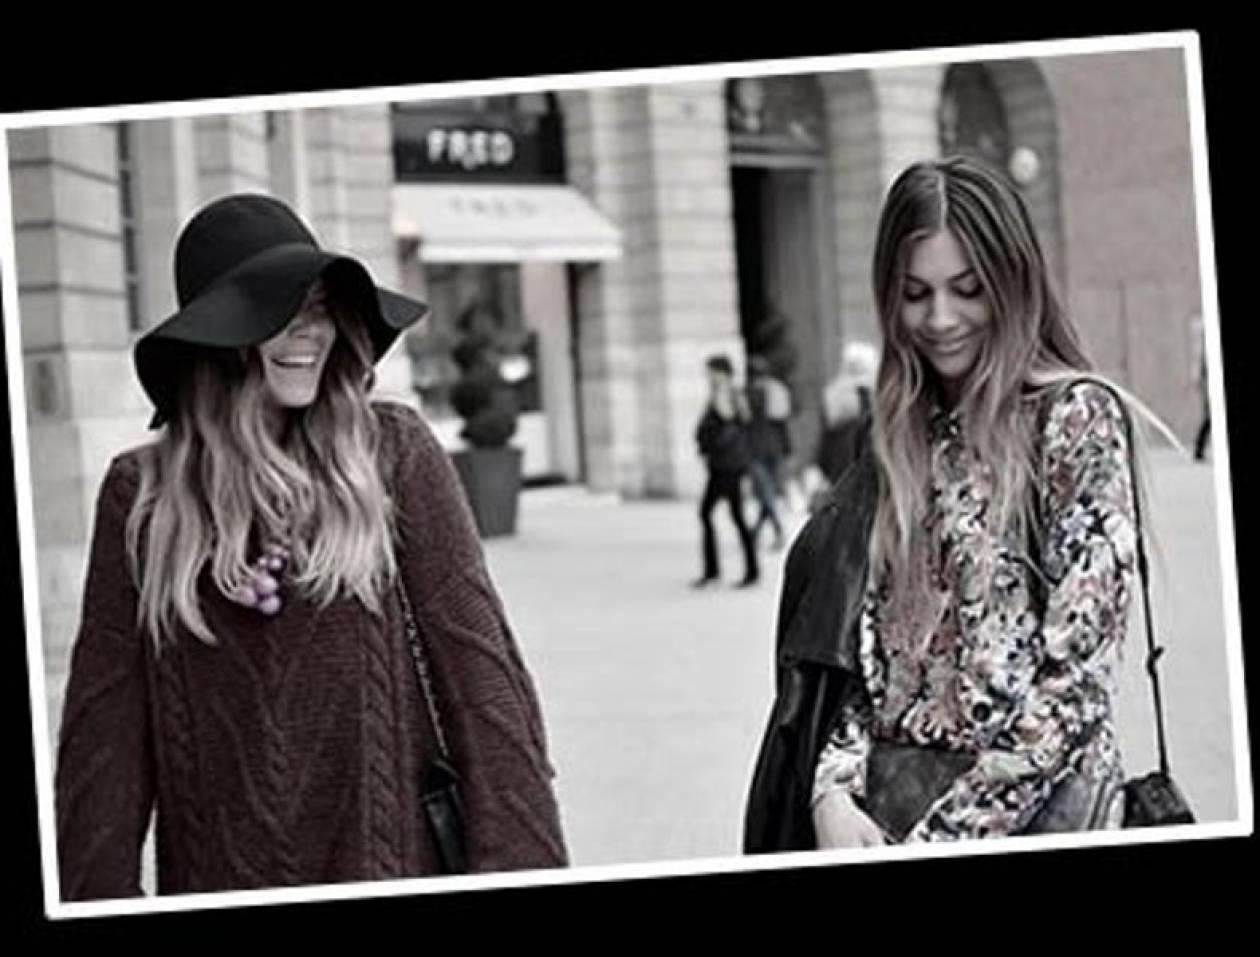 Twin Fashion: Oι αδερφές Olsen της Ελλάδας με το μοναδικό στυλ